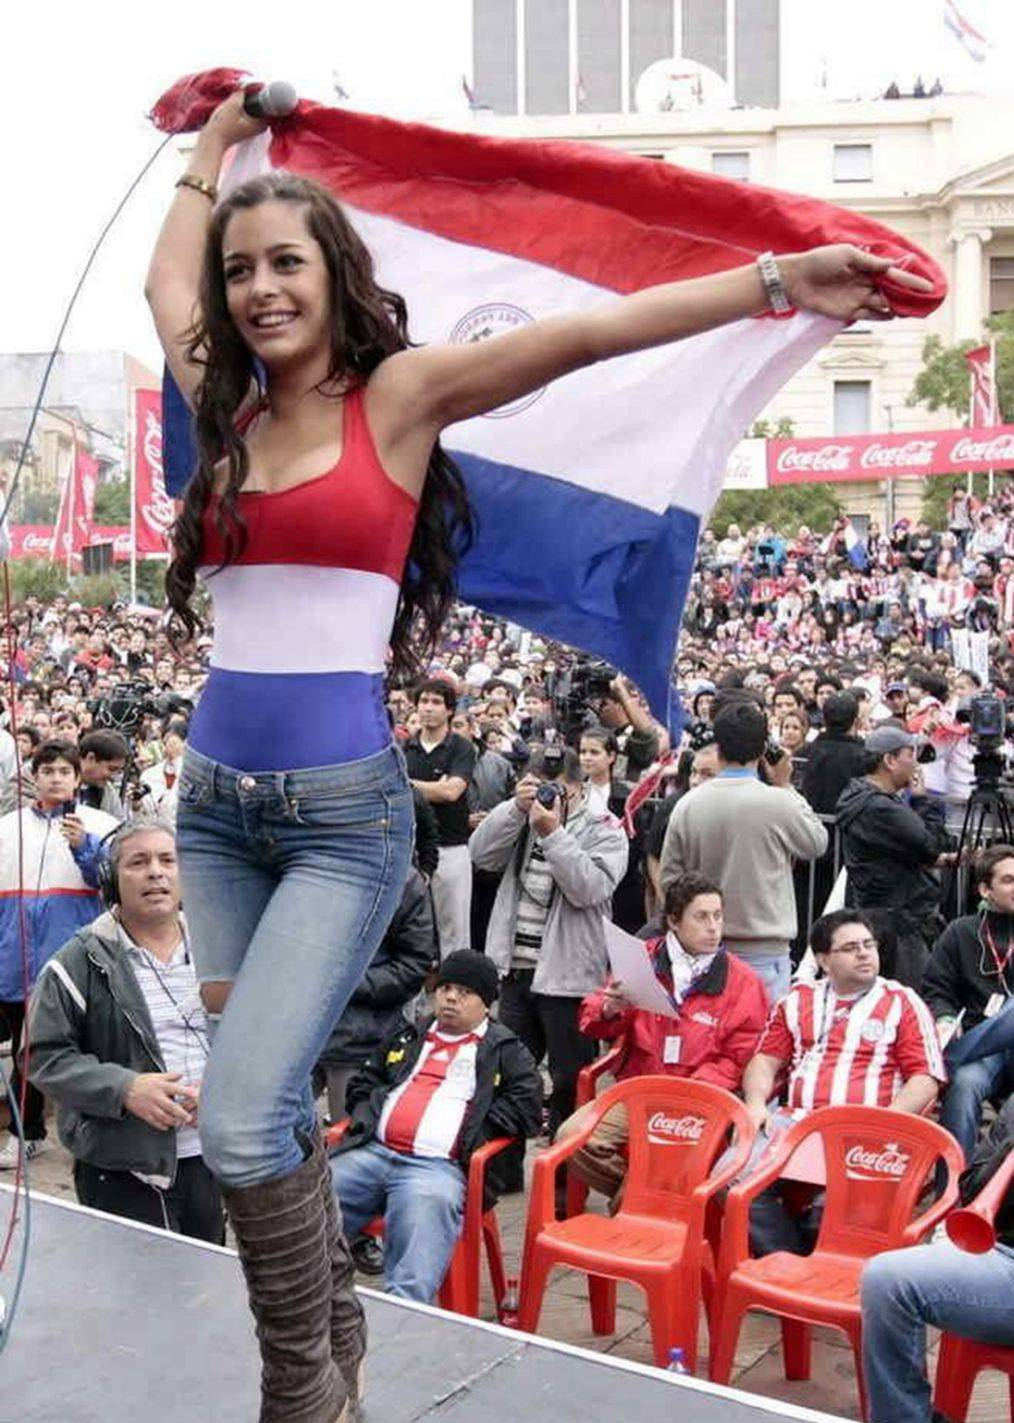 巴拉圭男女人口比例_巴拉圭女人图片